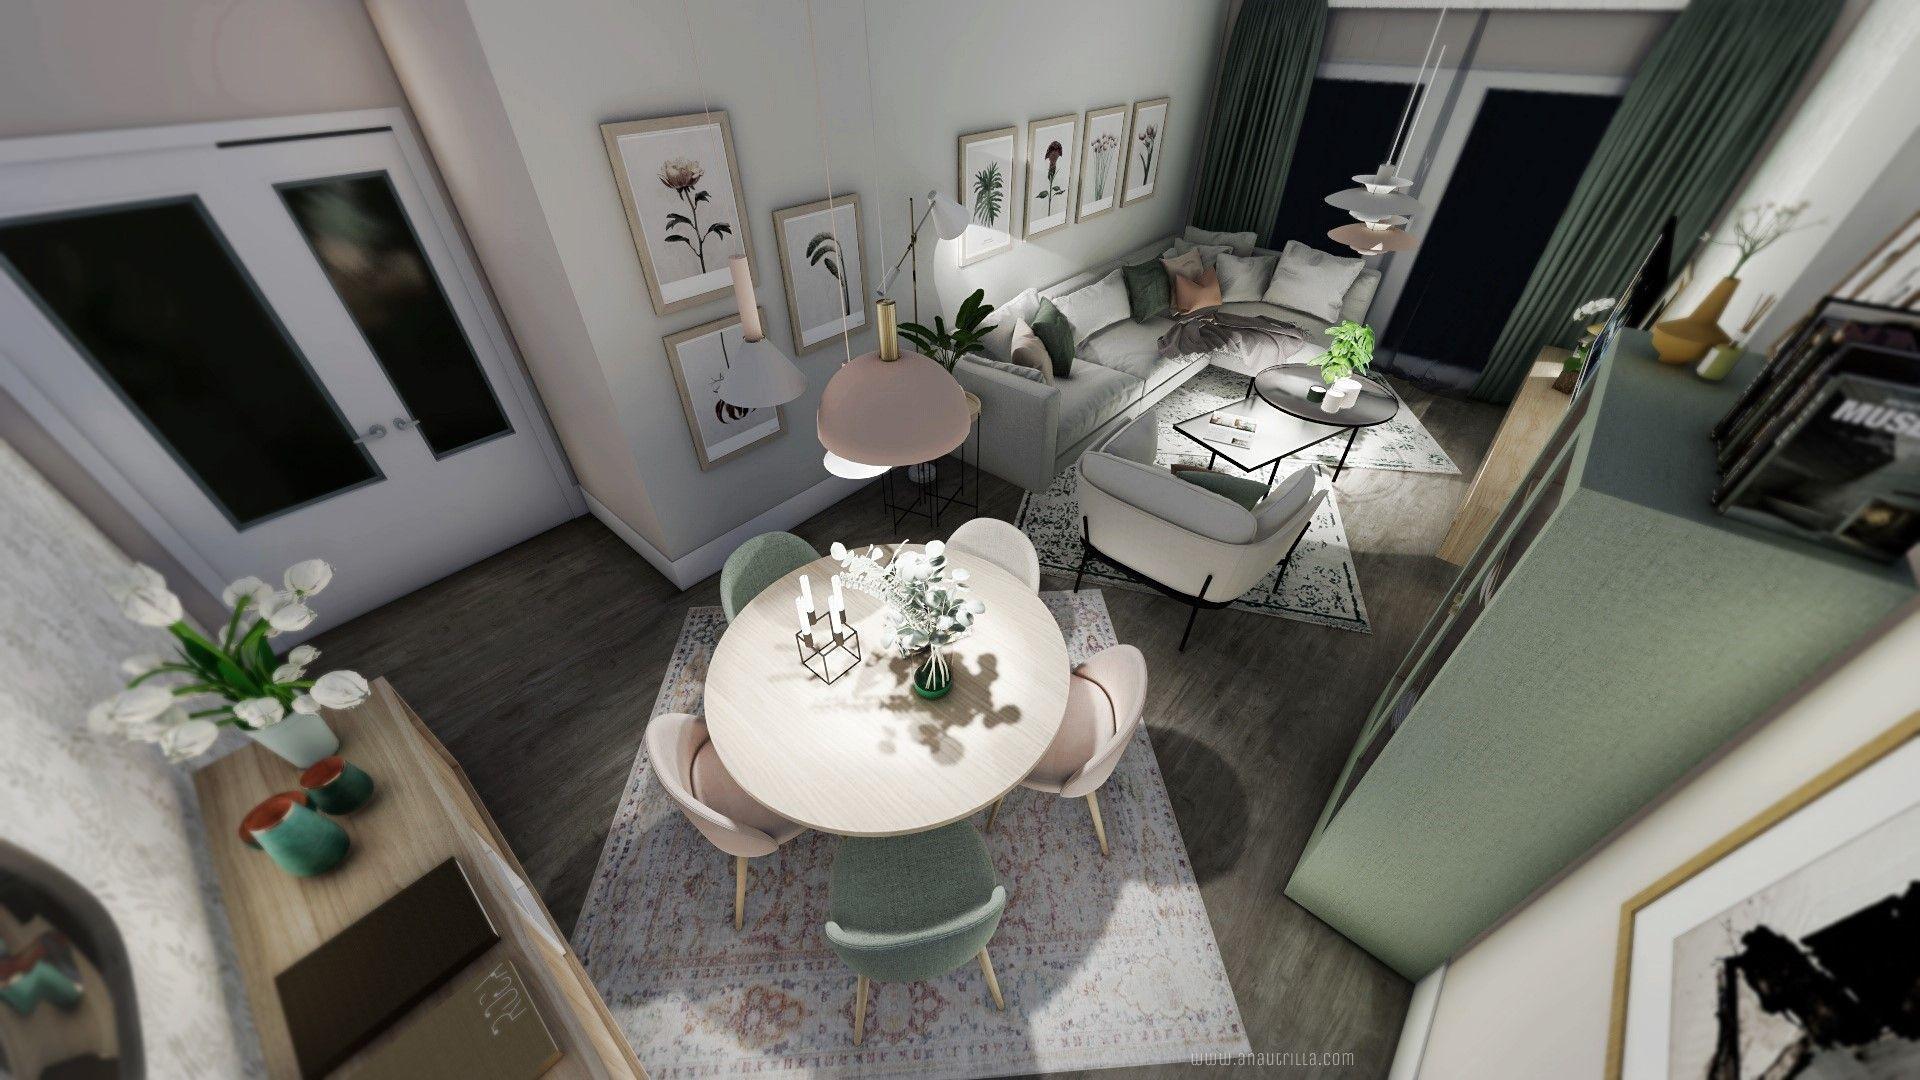 Espacio de salón comedor de estilo nórdico y toques femeninos rosados, de estilo escandinavo en Madrid, proyecto de diseño de interiores en 3D online #Anautrillainteriorismo @utrillanais